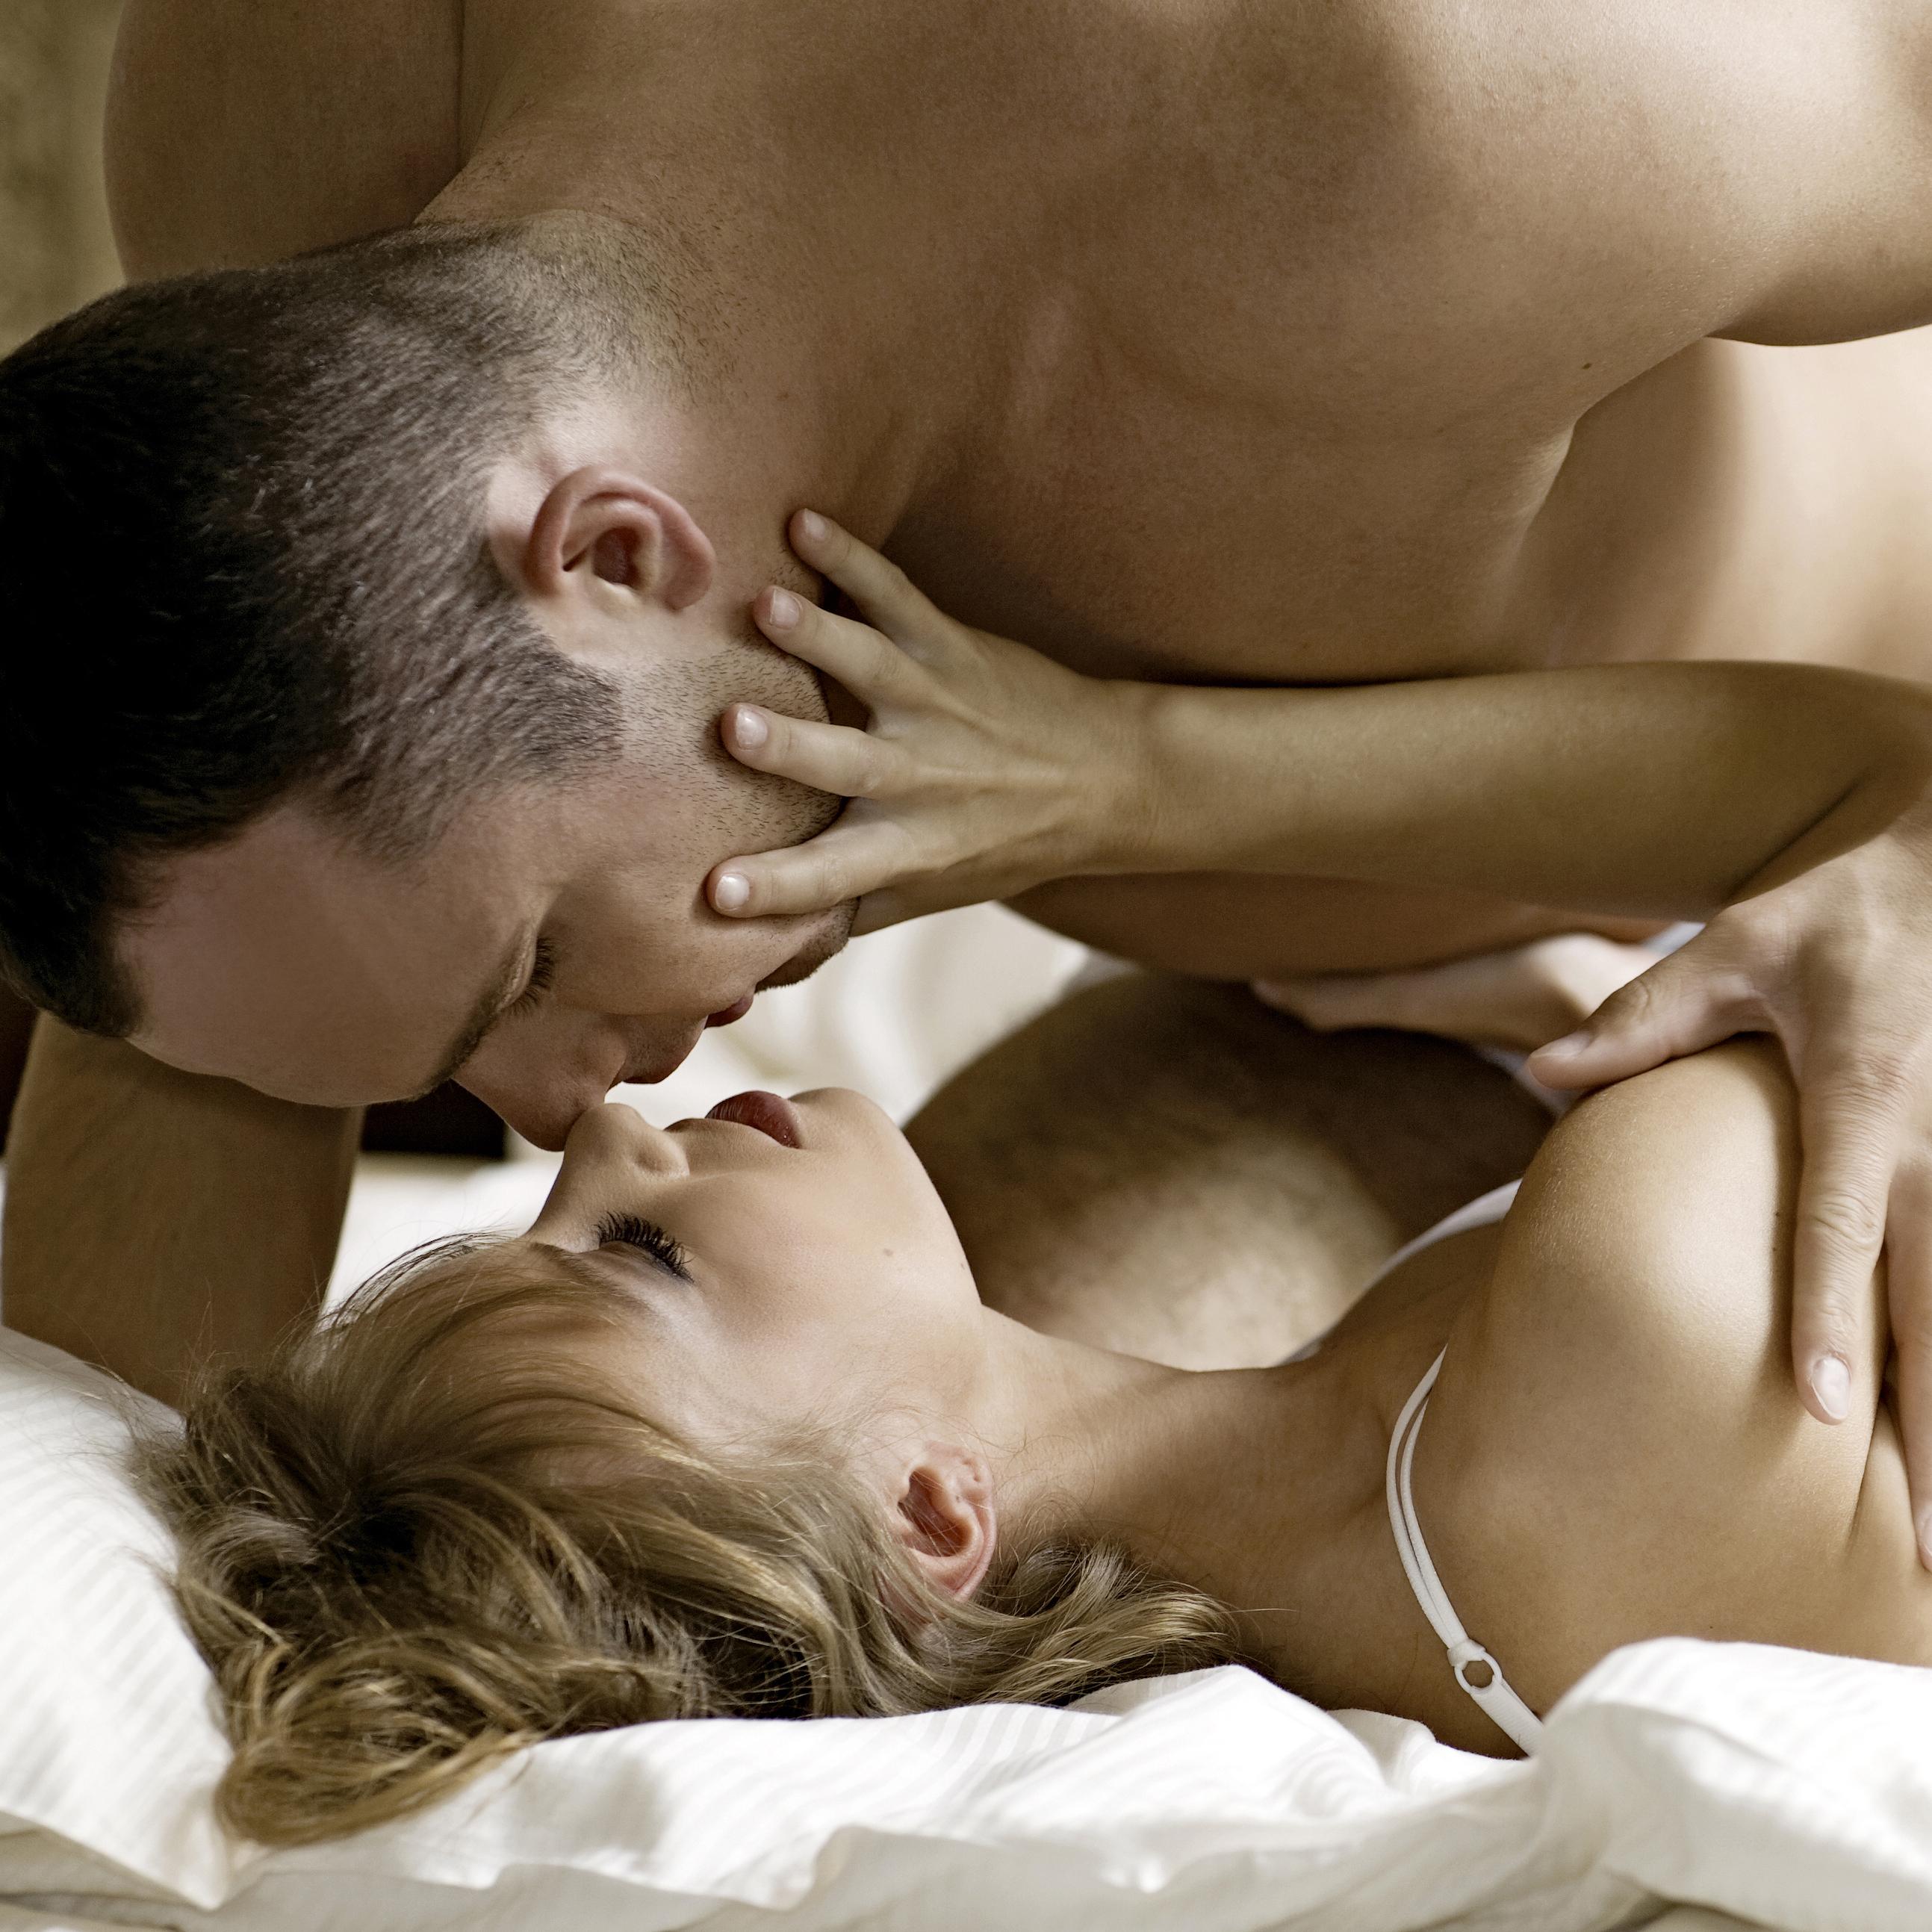 Советы сексолога как возбудить женщину 12 фотография